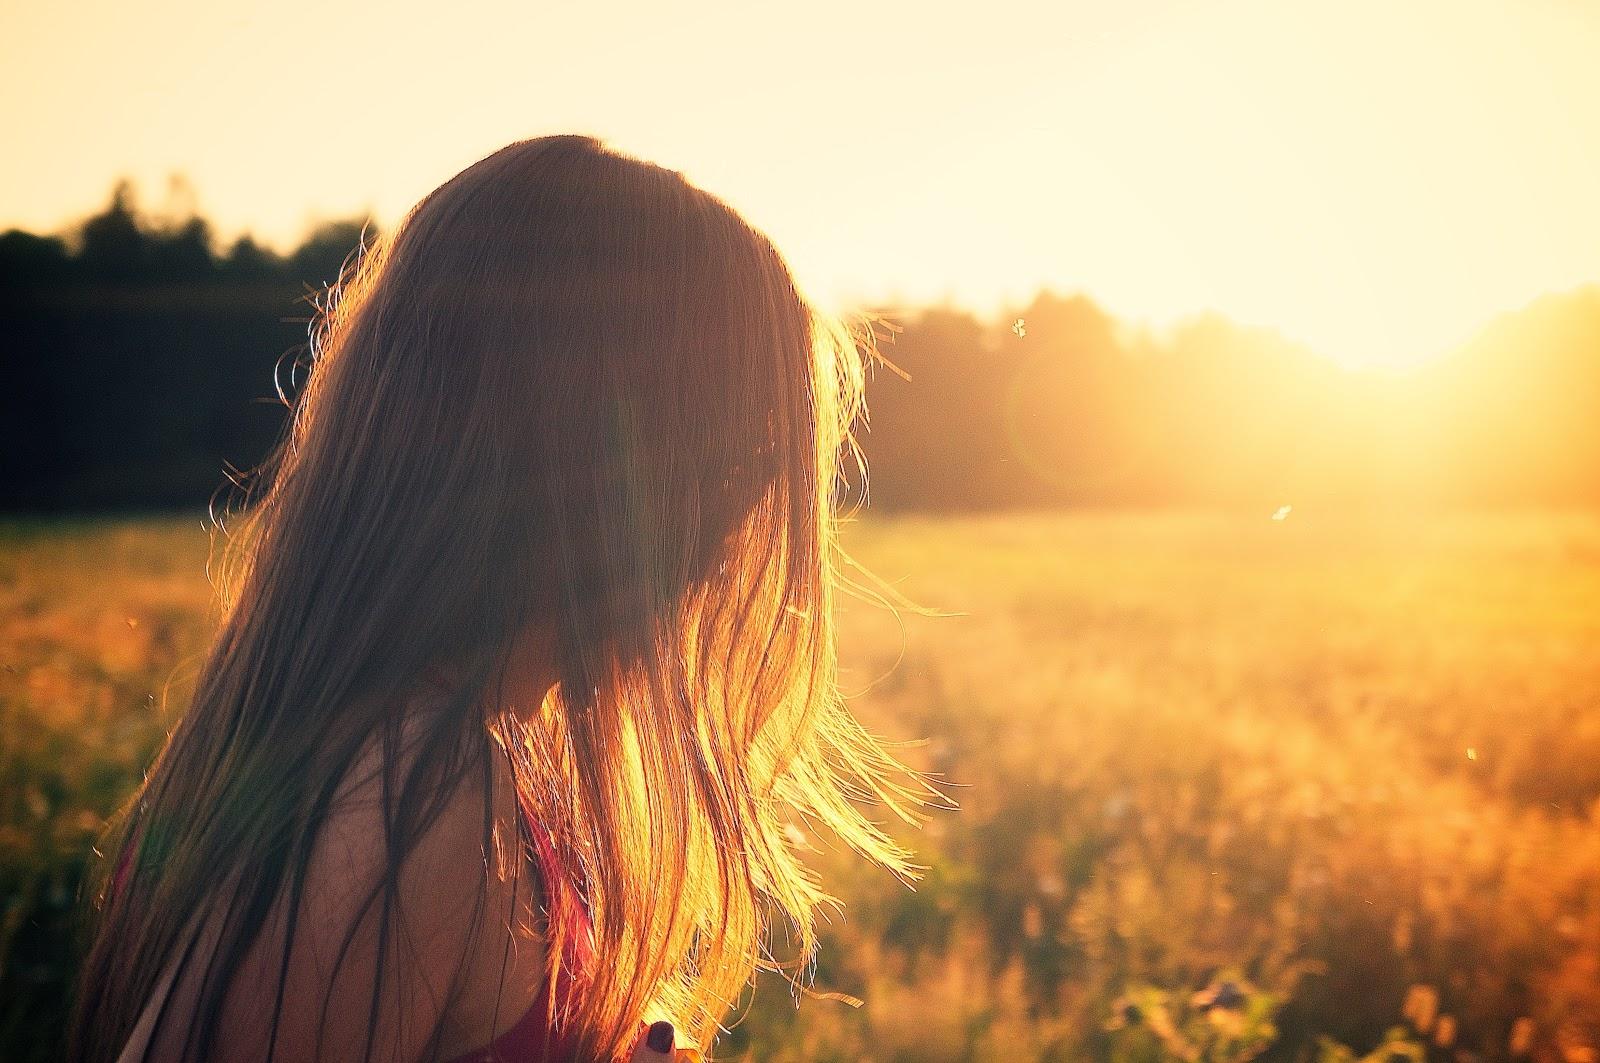 夏の日没の光の中の女性